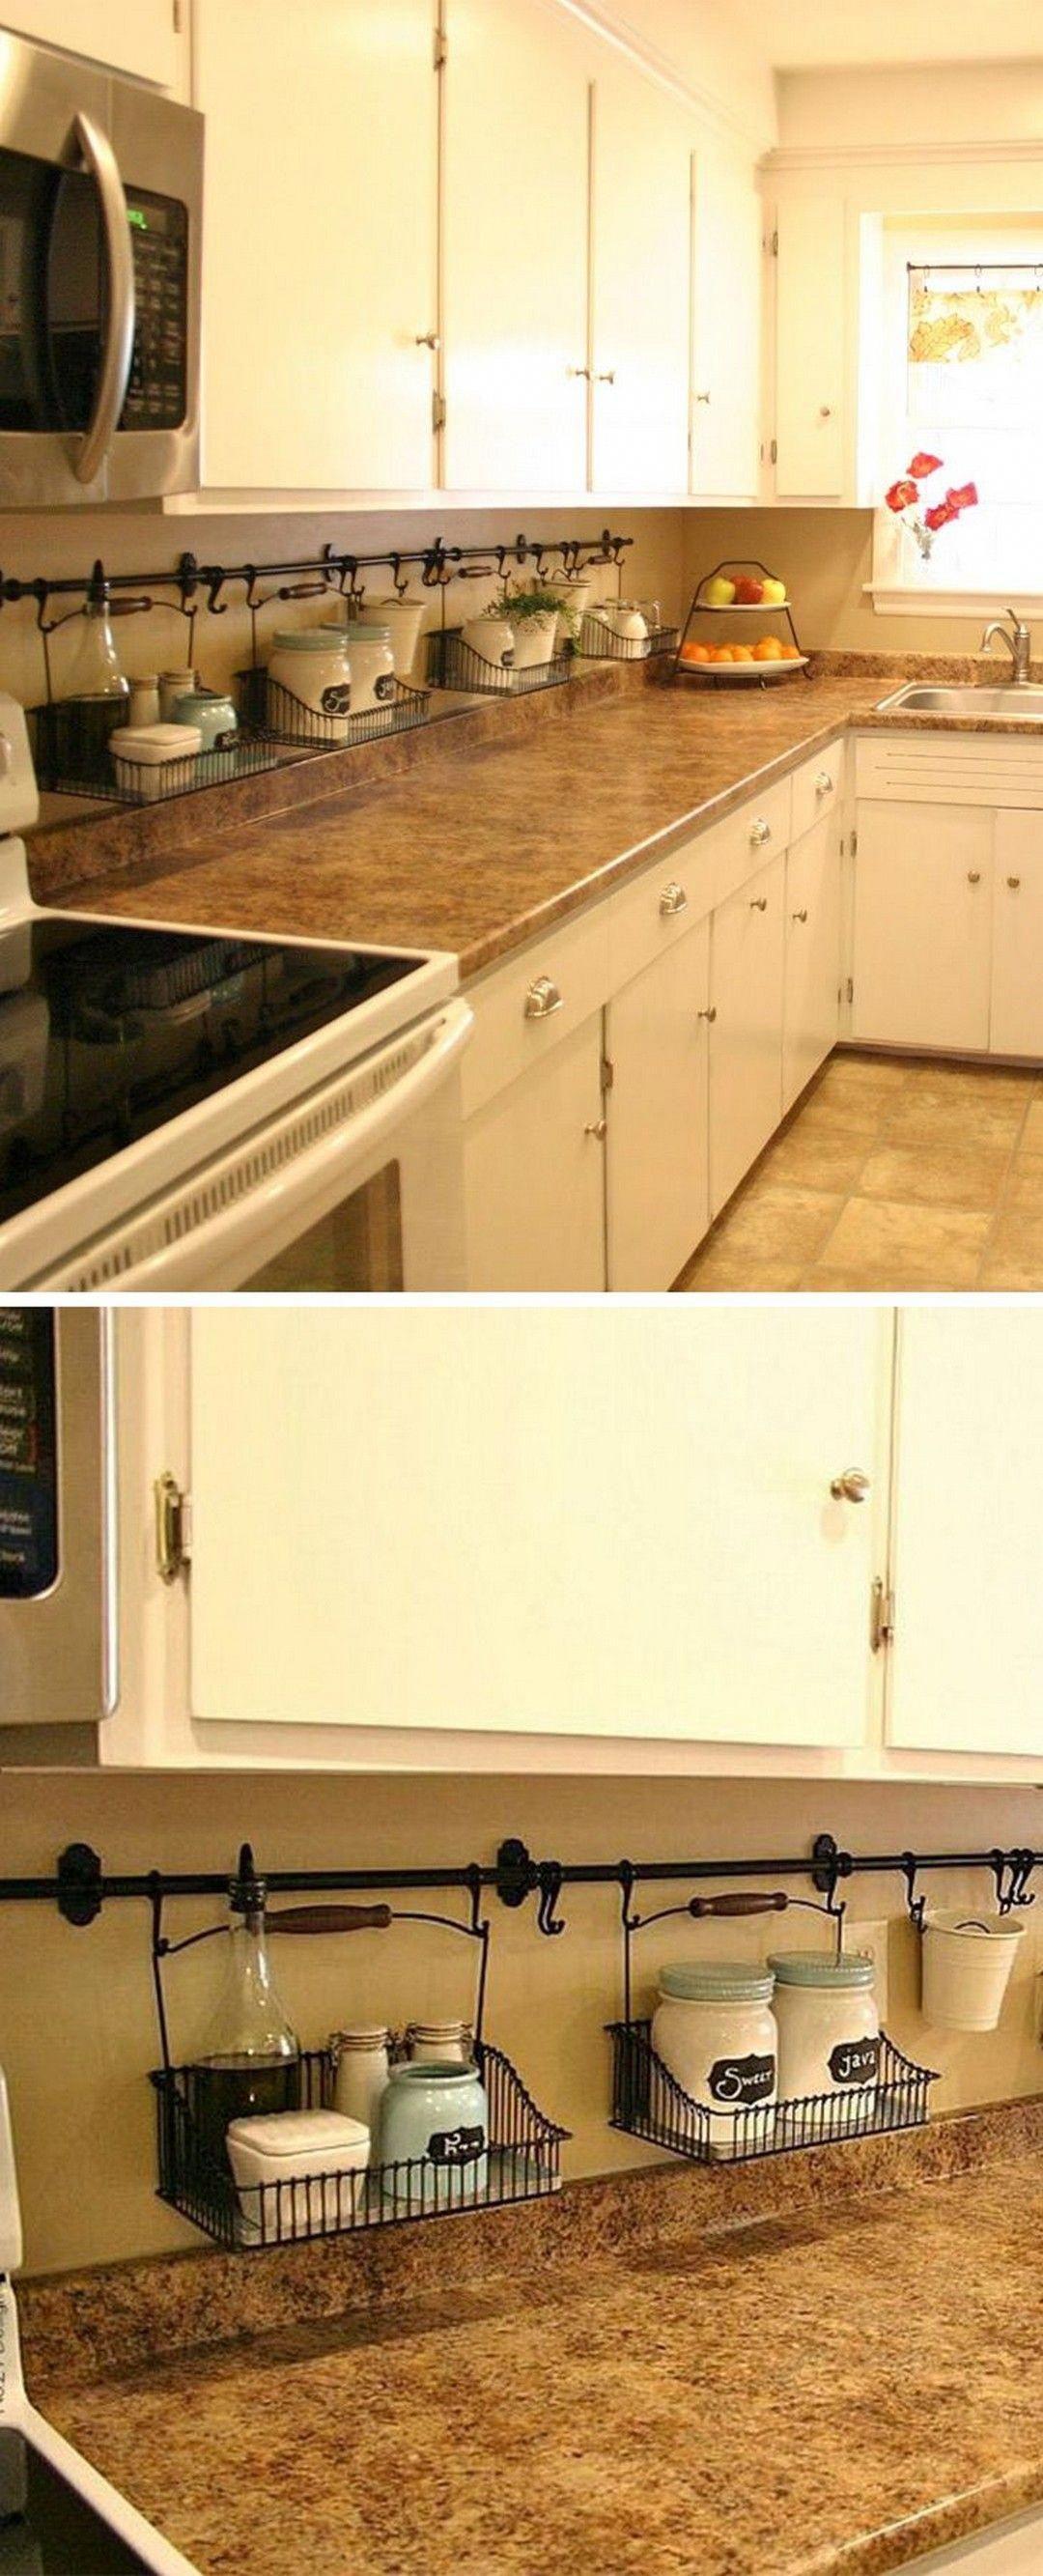 diy kitchen organization and storage hacks ideas